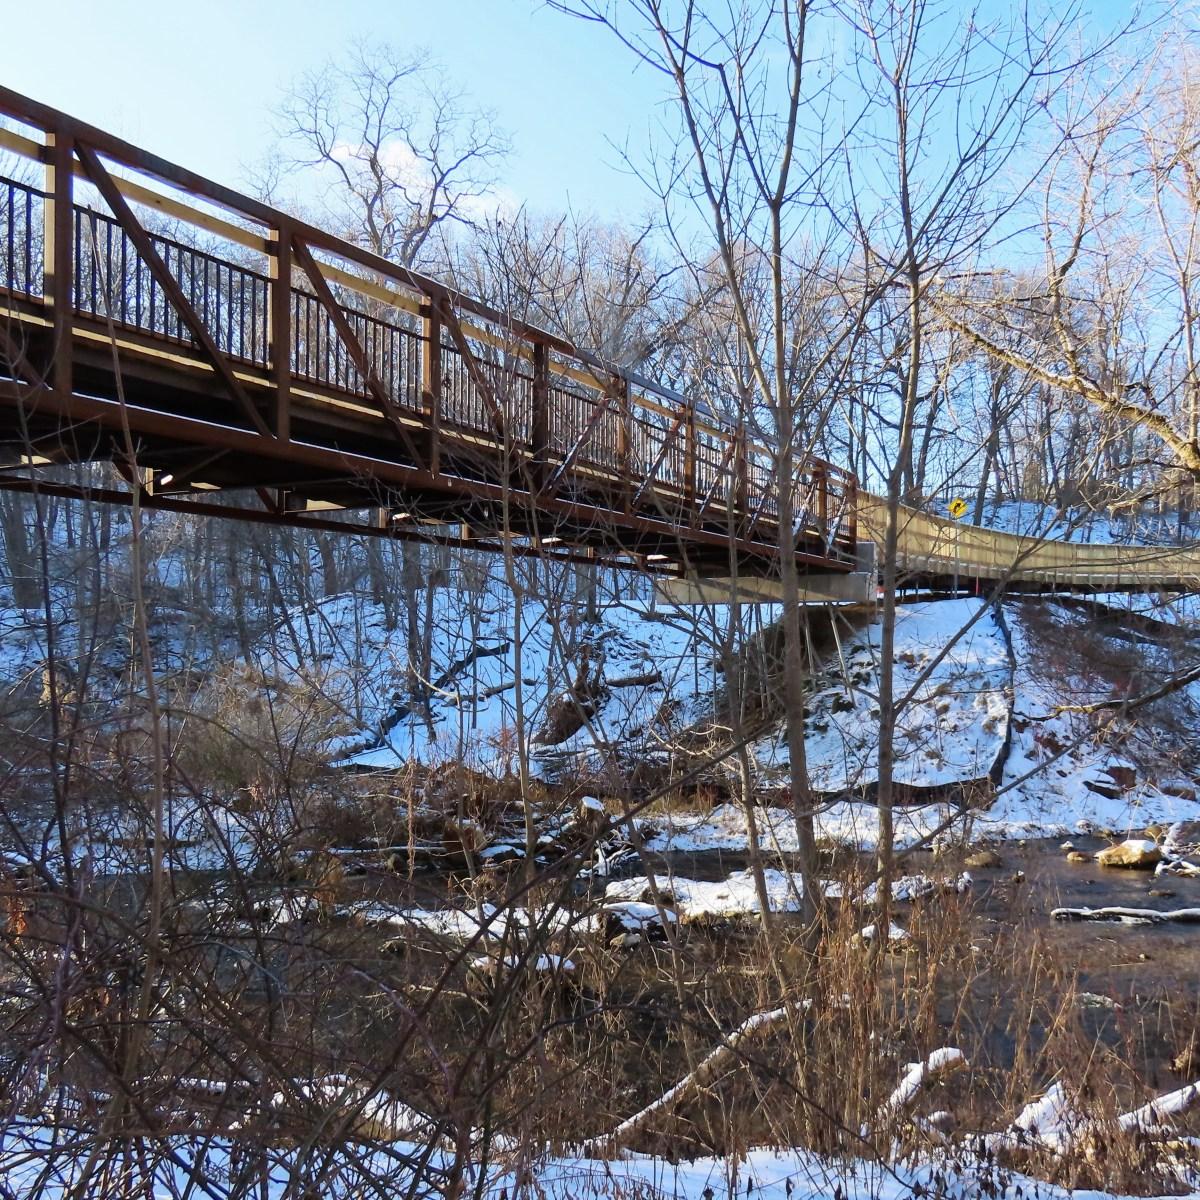 Steel bridge over wide creek in winter